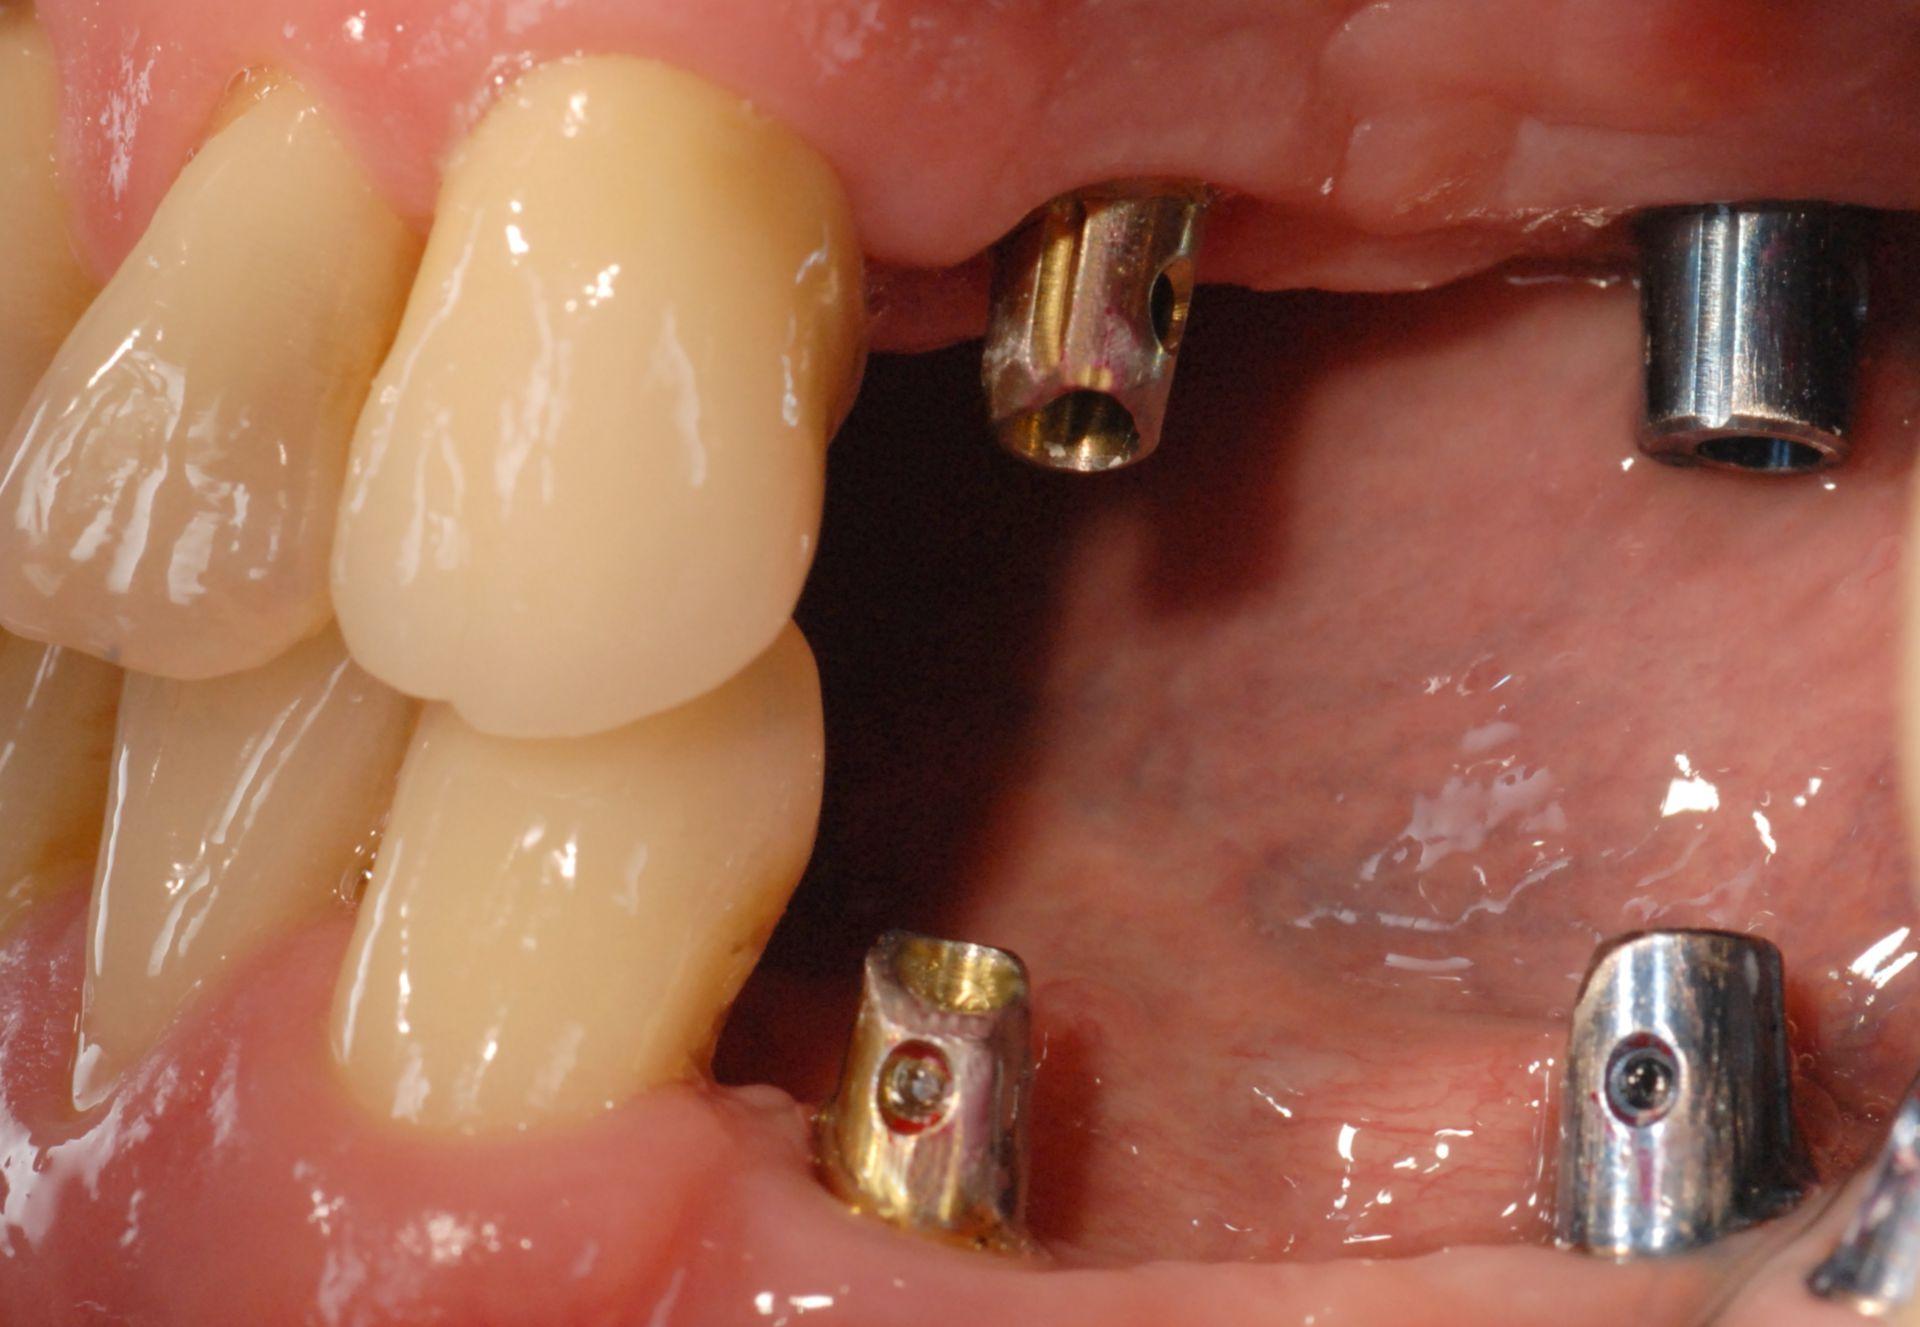 Eingesetzte Implantate